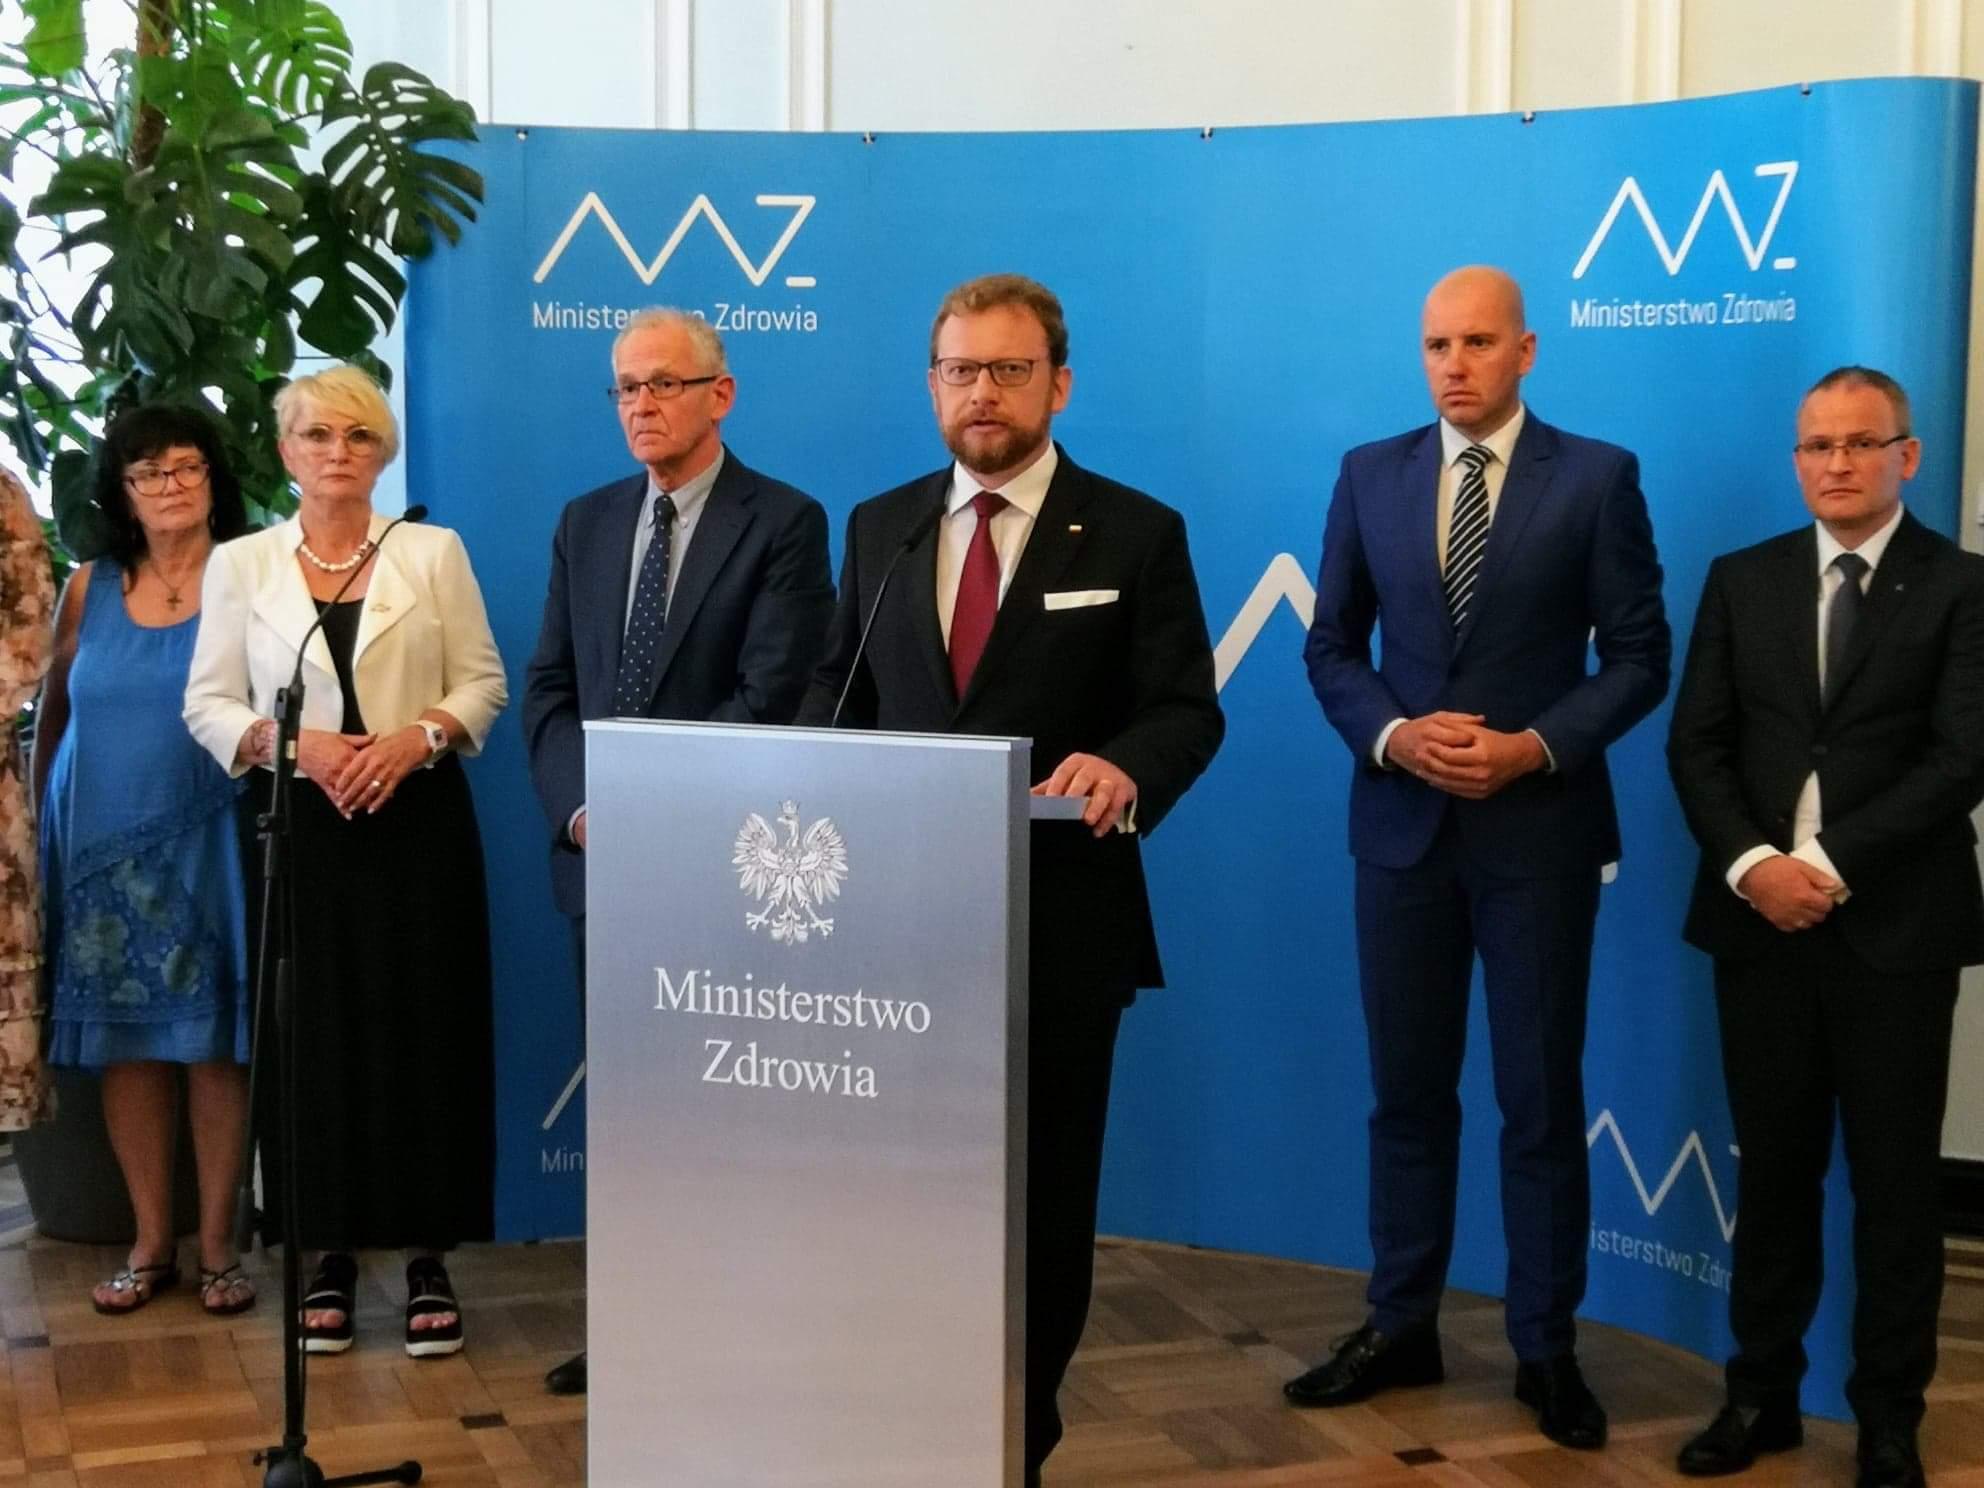 Resort zdrowia prosi o zgłaszanie ewentualnych uwag do projektu w wersji elektronicznej na adres e-mail: wykazy-uwagi@mz.gov.pl do 27.08.2019 r (fot. MZ)